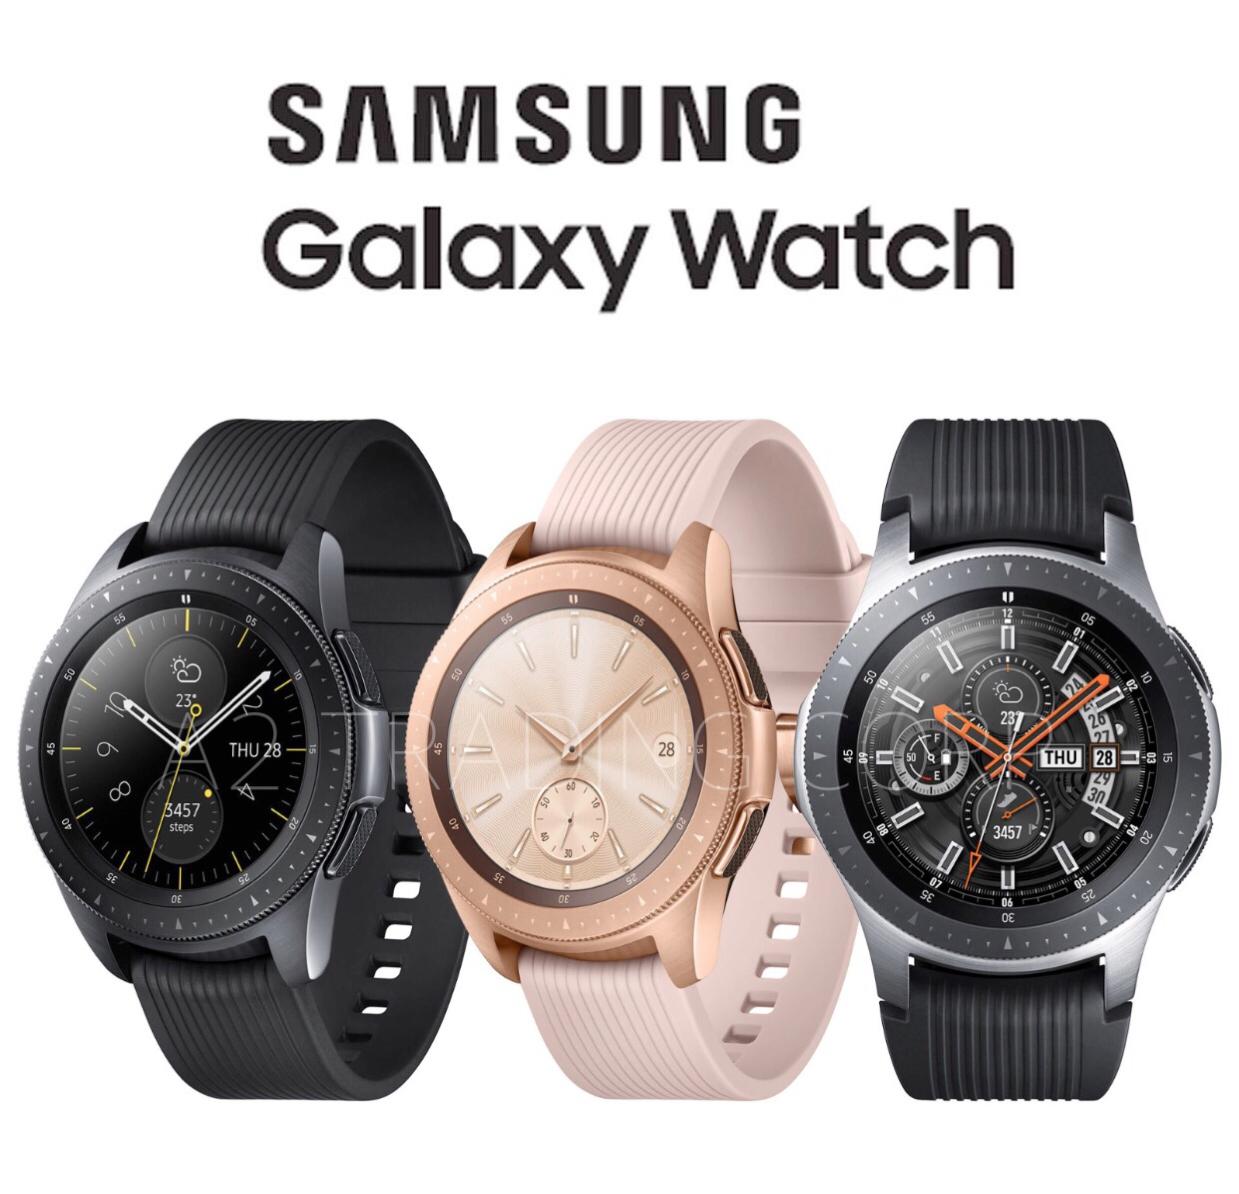 Wholesale Samsung Galaxy Watch 2018 - 46mm R800 & 42mm R810